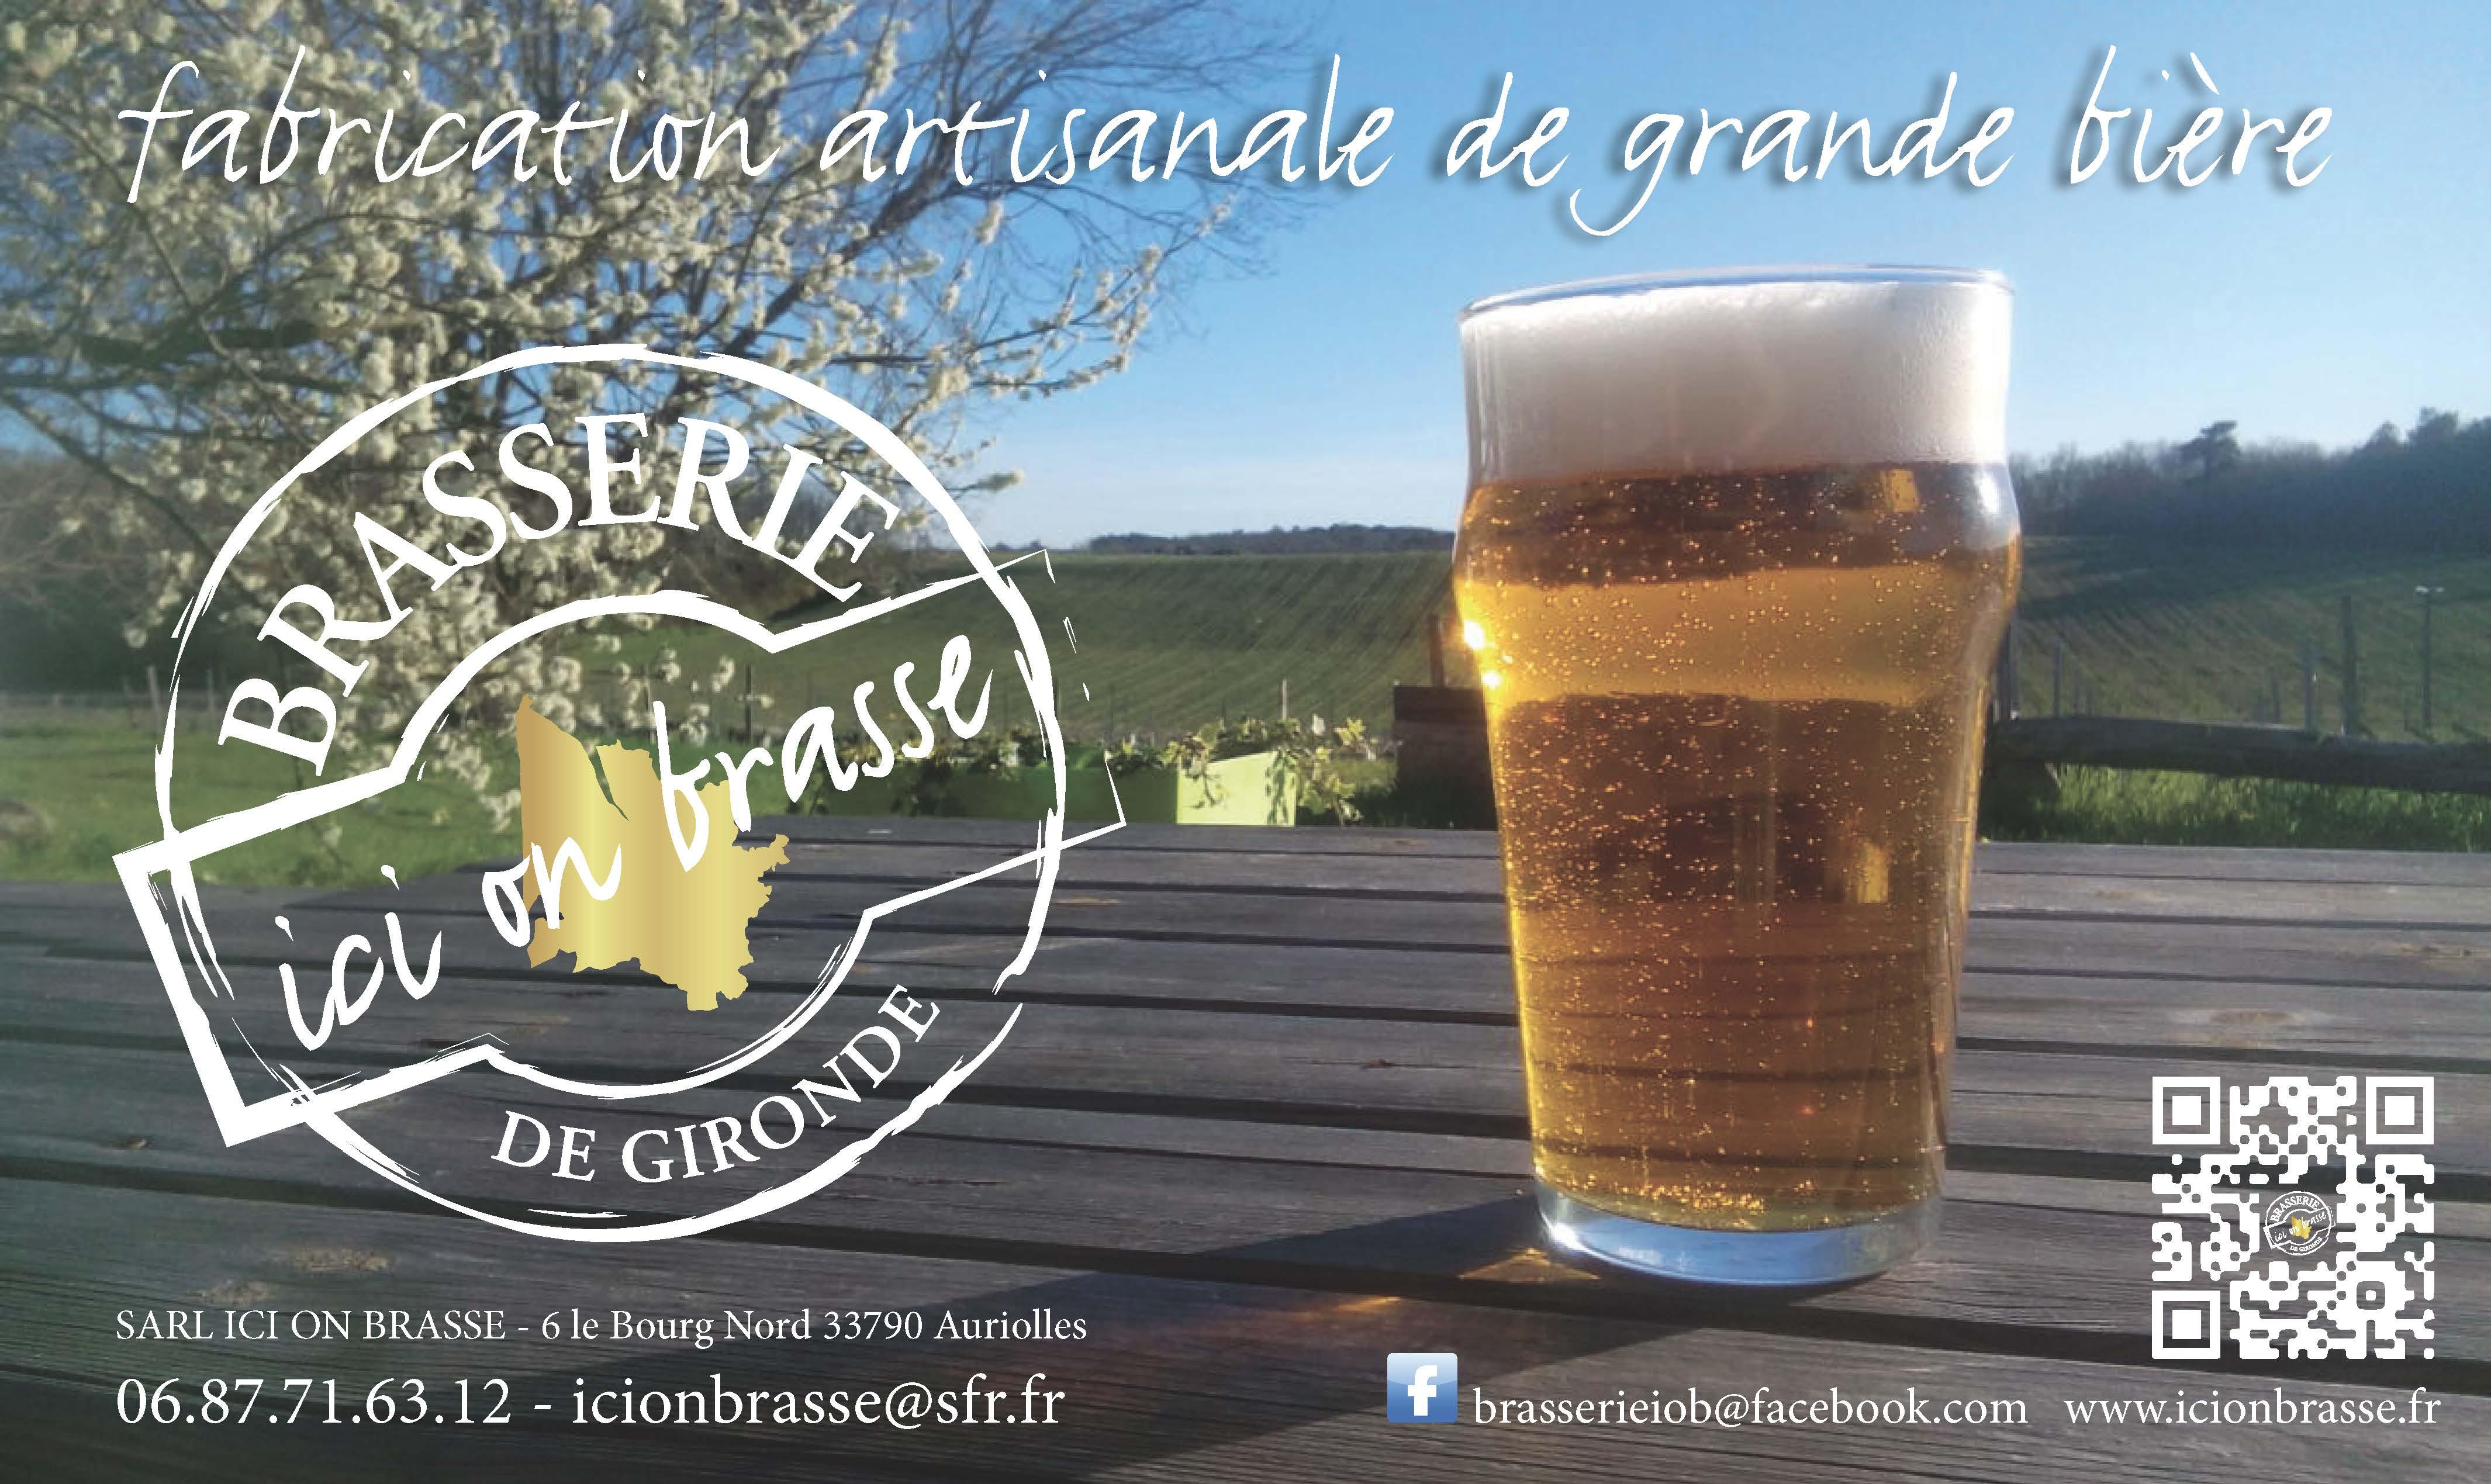 Changement logo Brasserie Artisanale